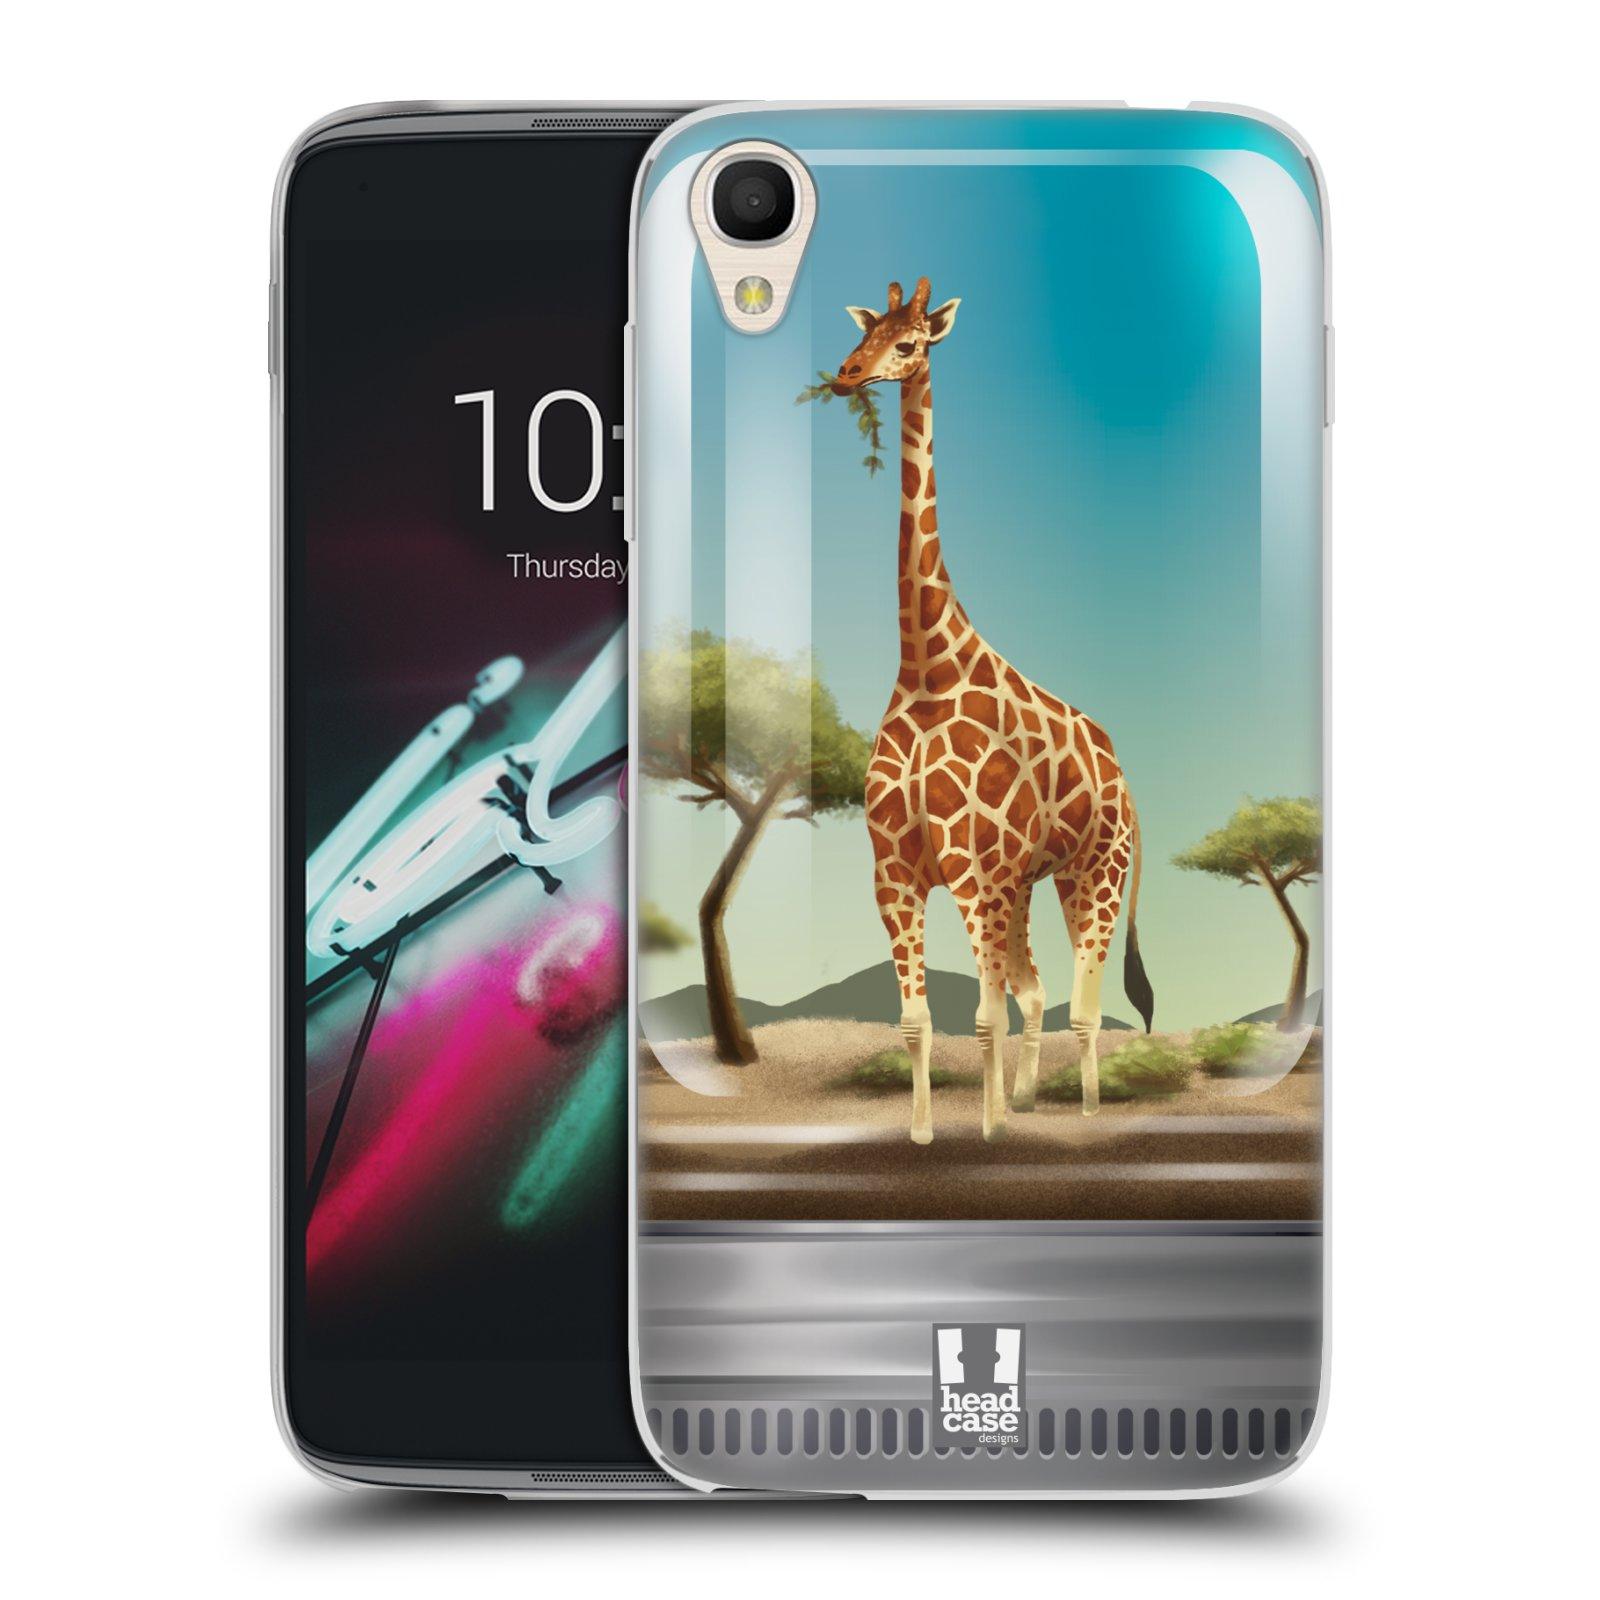 HEAD CASE silikonový obal na mobil Alcatel Idol 3 OT-6039Y (4.7) vzor Zvířátka v těžítku žirafa